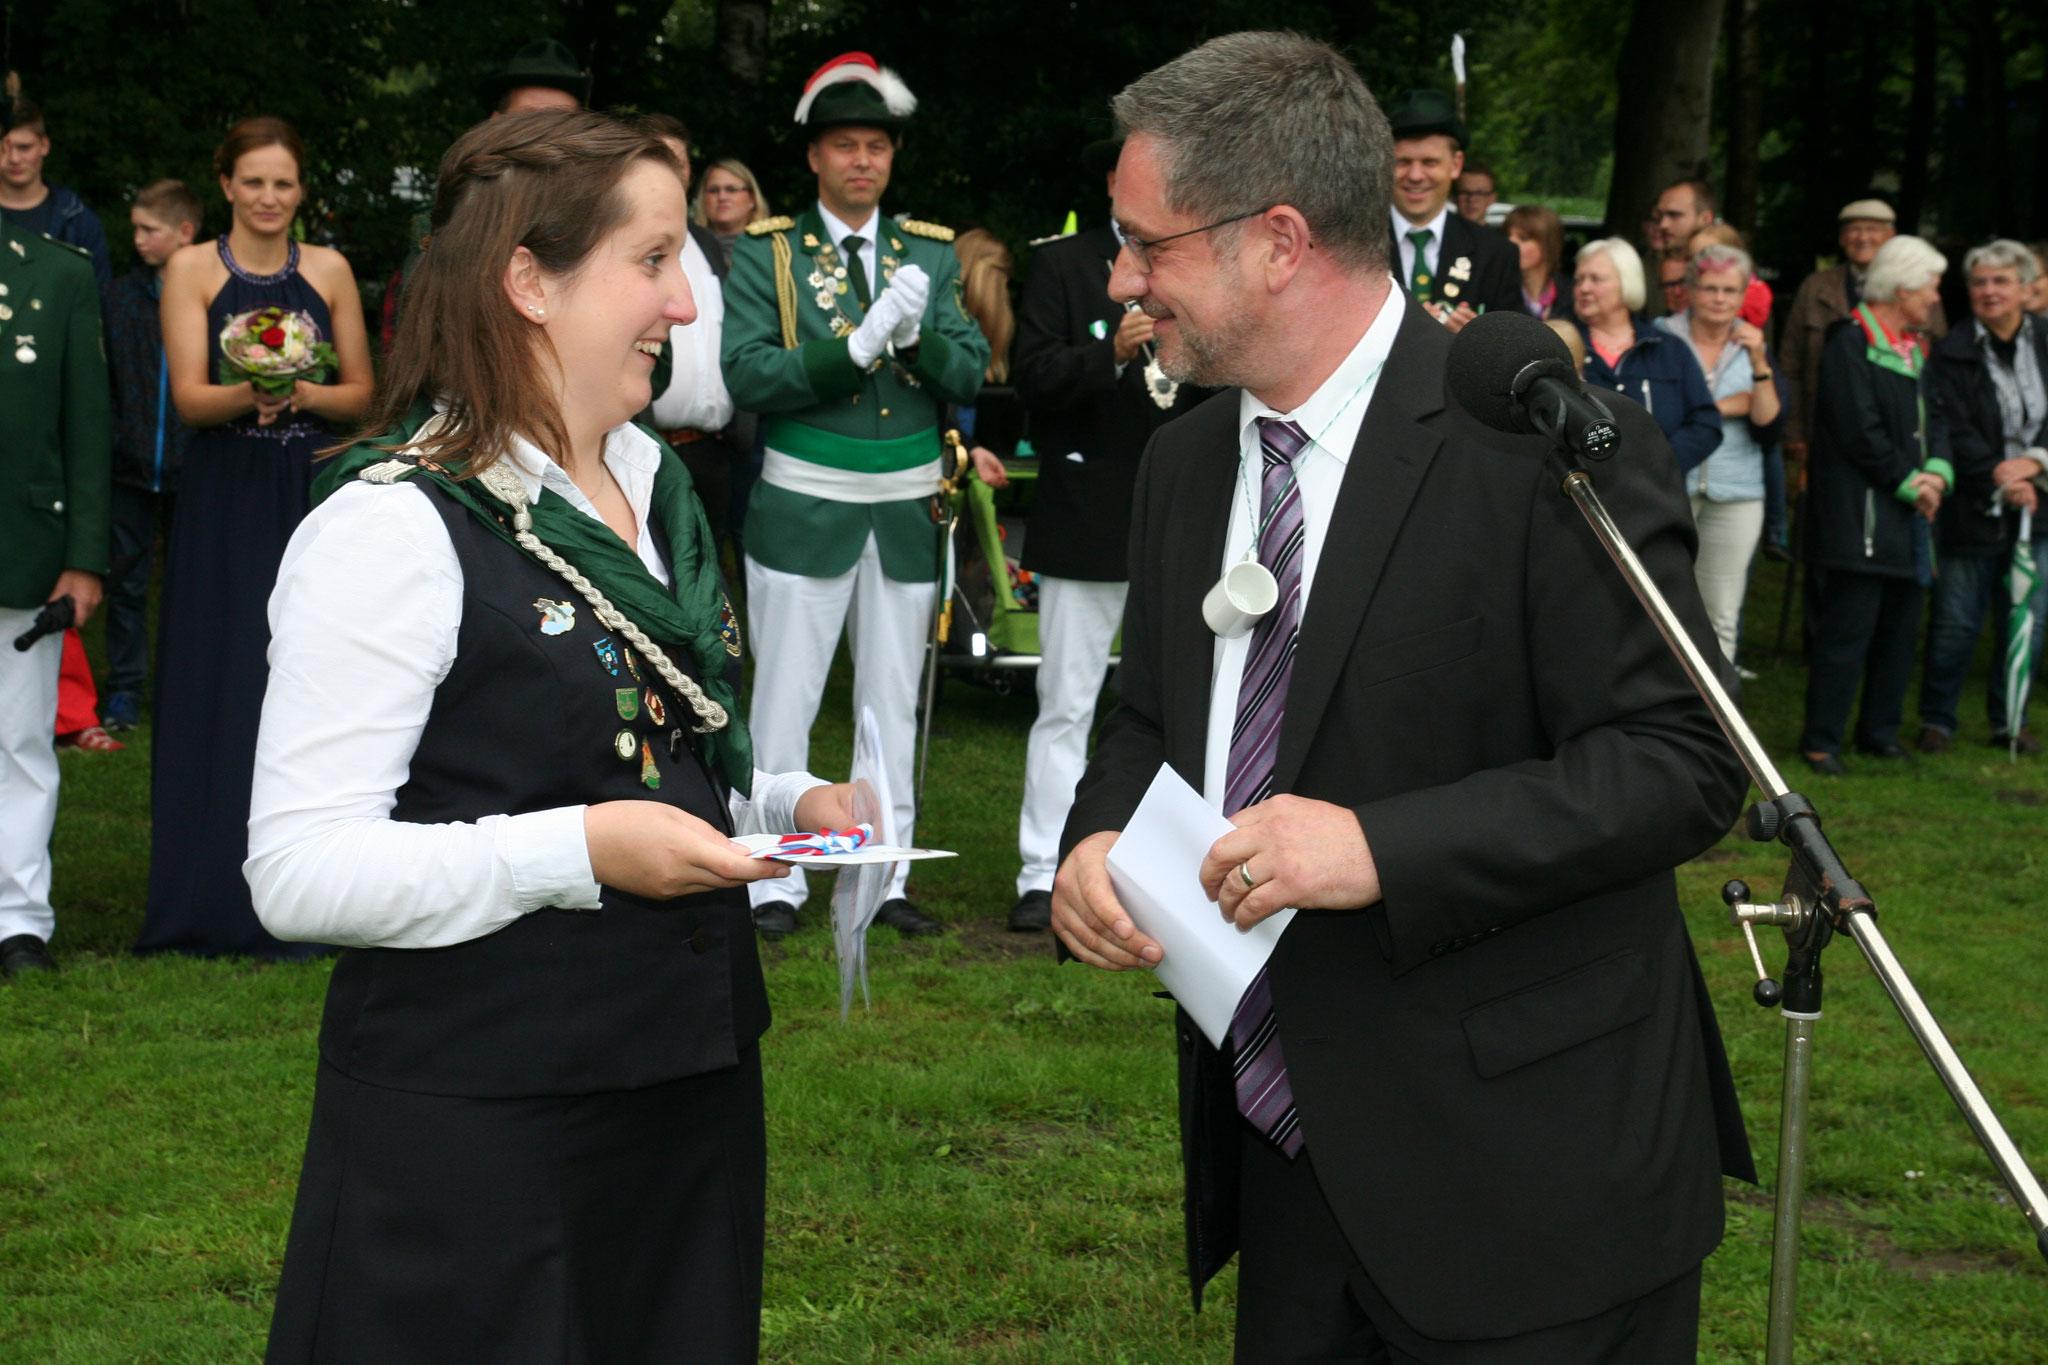 Begrüßung durch den Bürgermeister